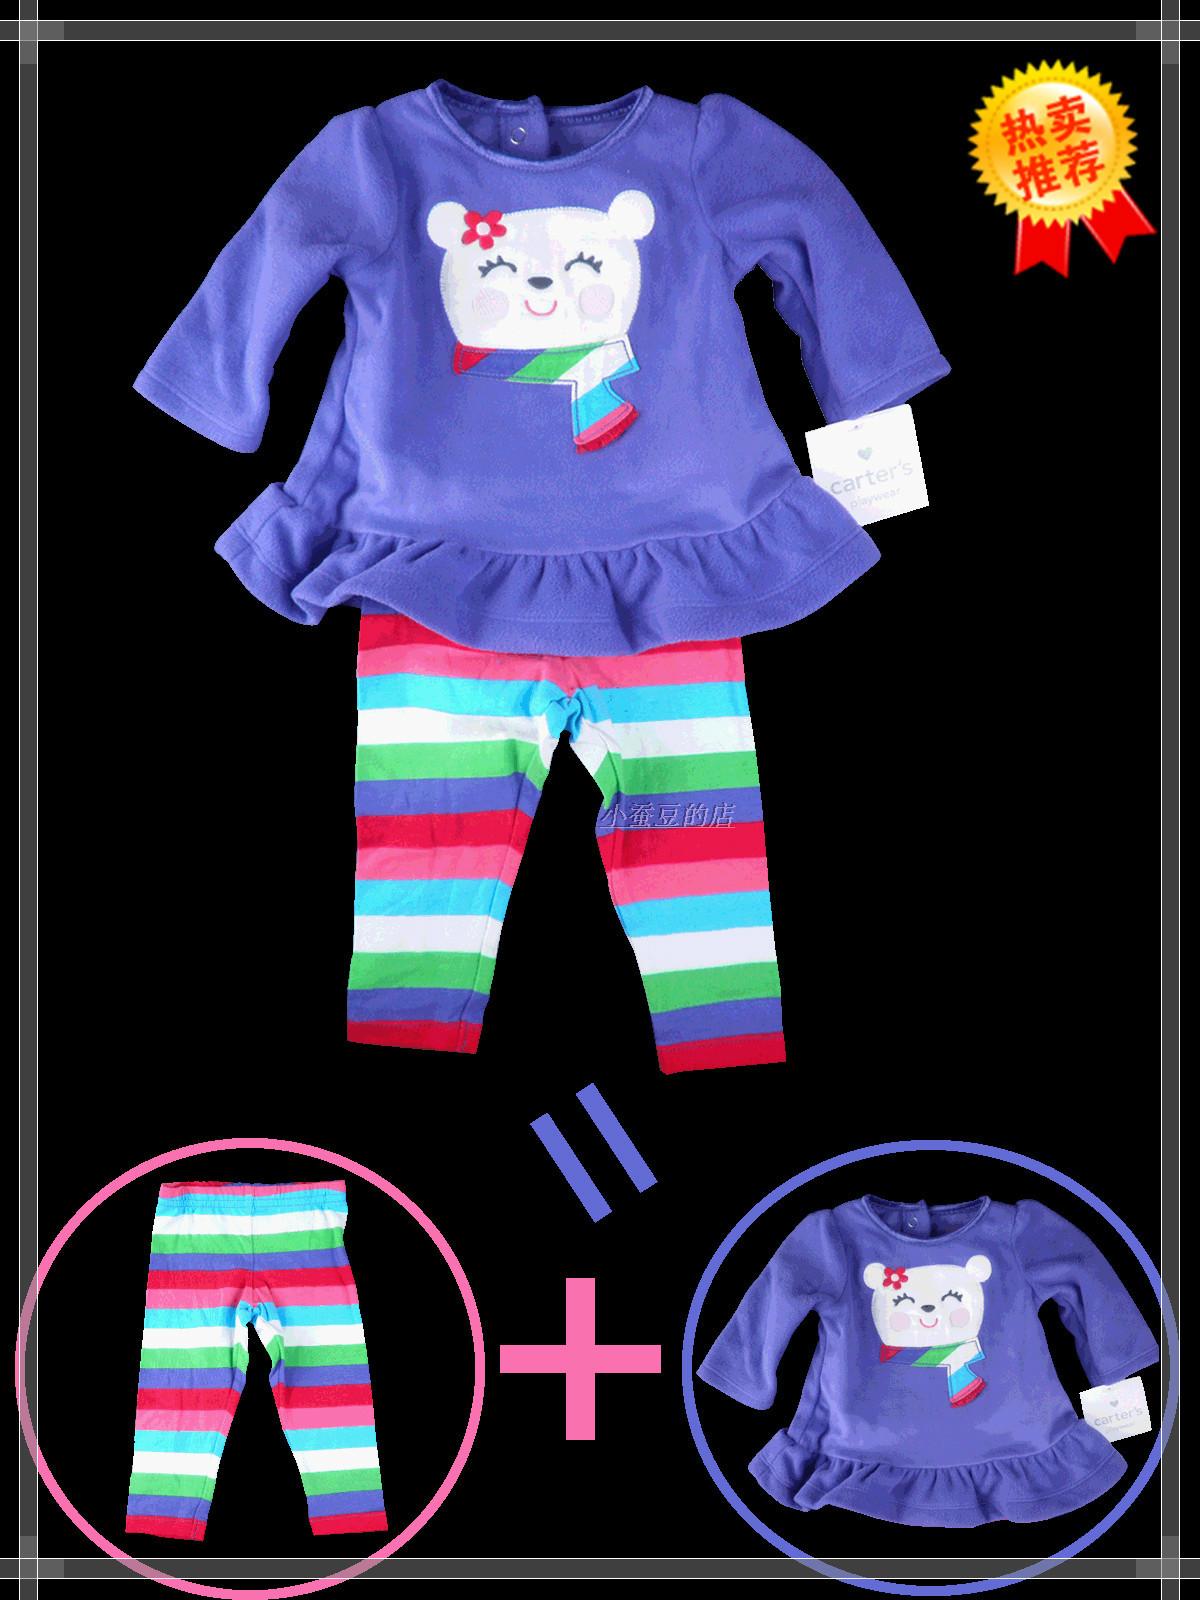 детский костюм Carter's carter gtz0002 Carter's Европейский и американский стиль Хлопок (95 и выше) Весна-осень % Девушки